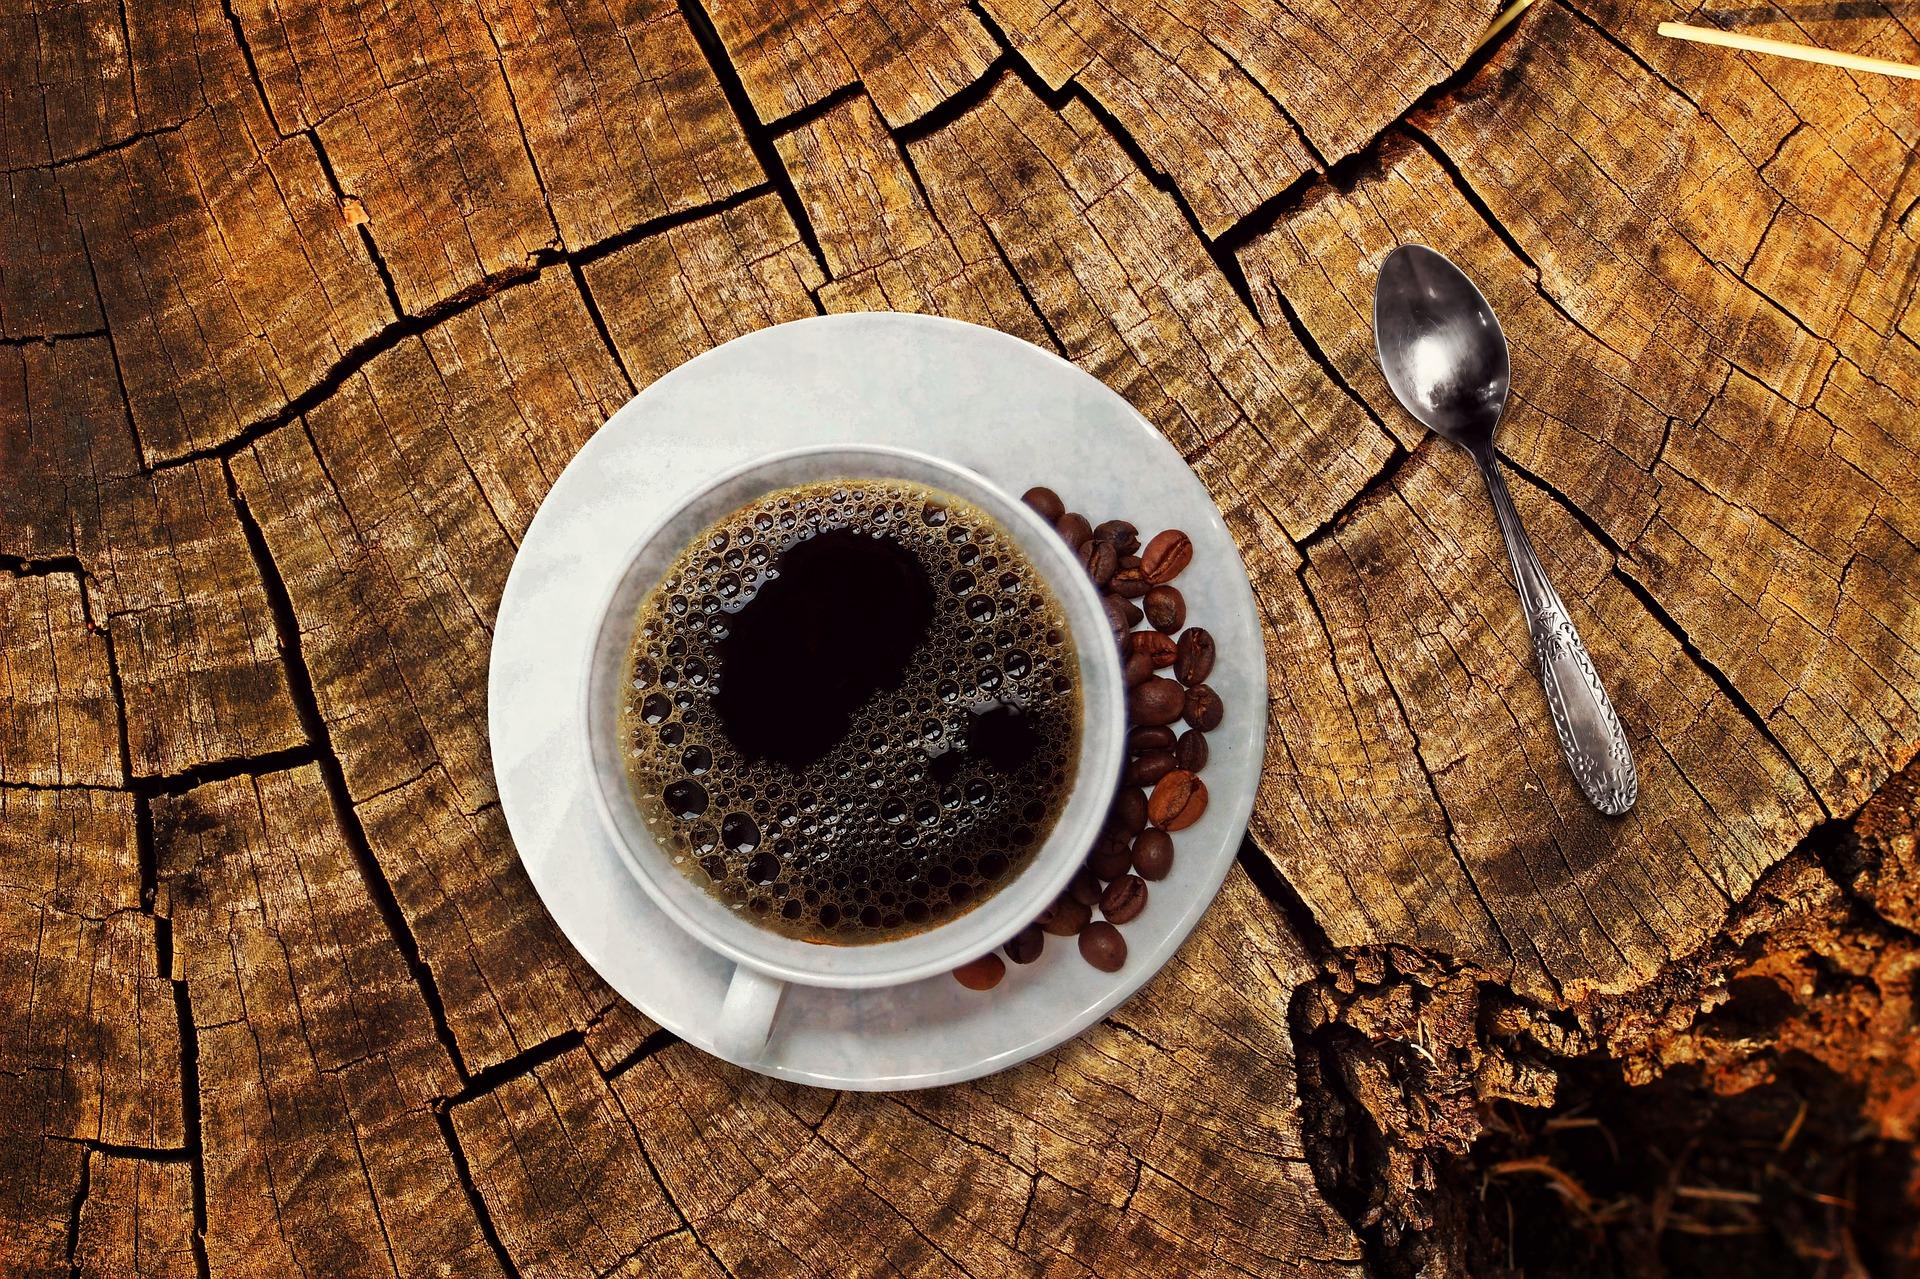 come pulire tovaglia bianca caffè